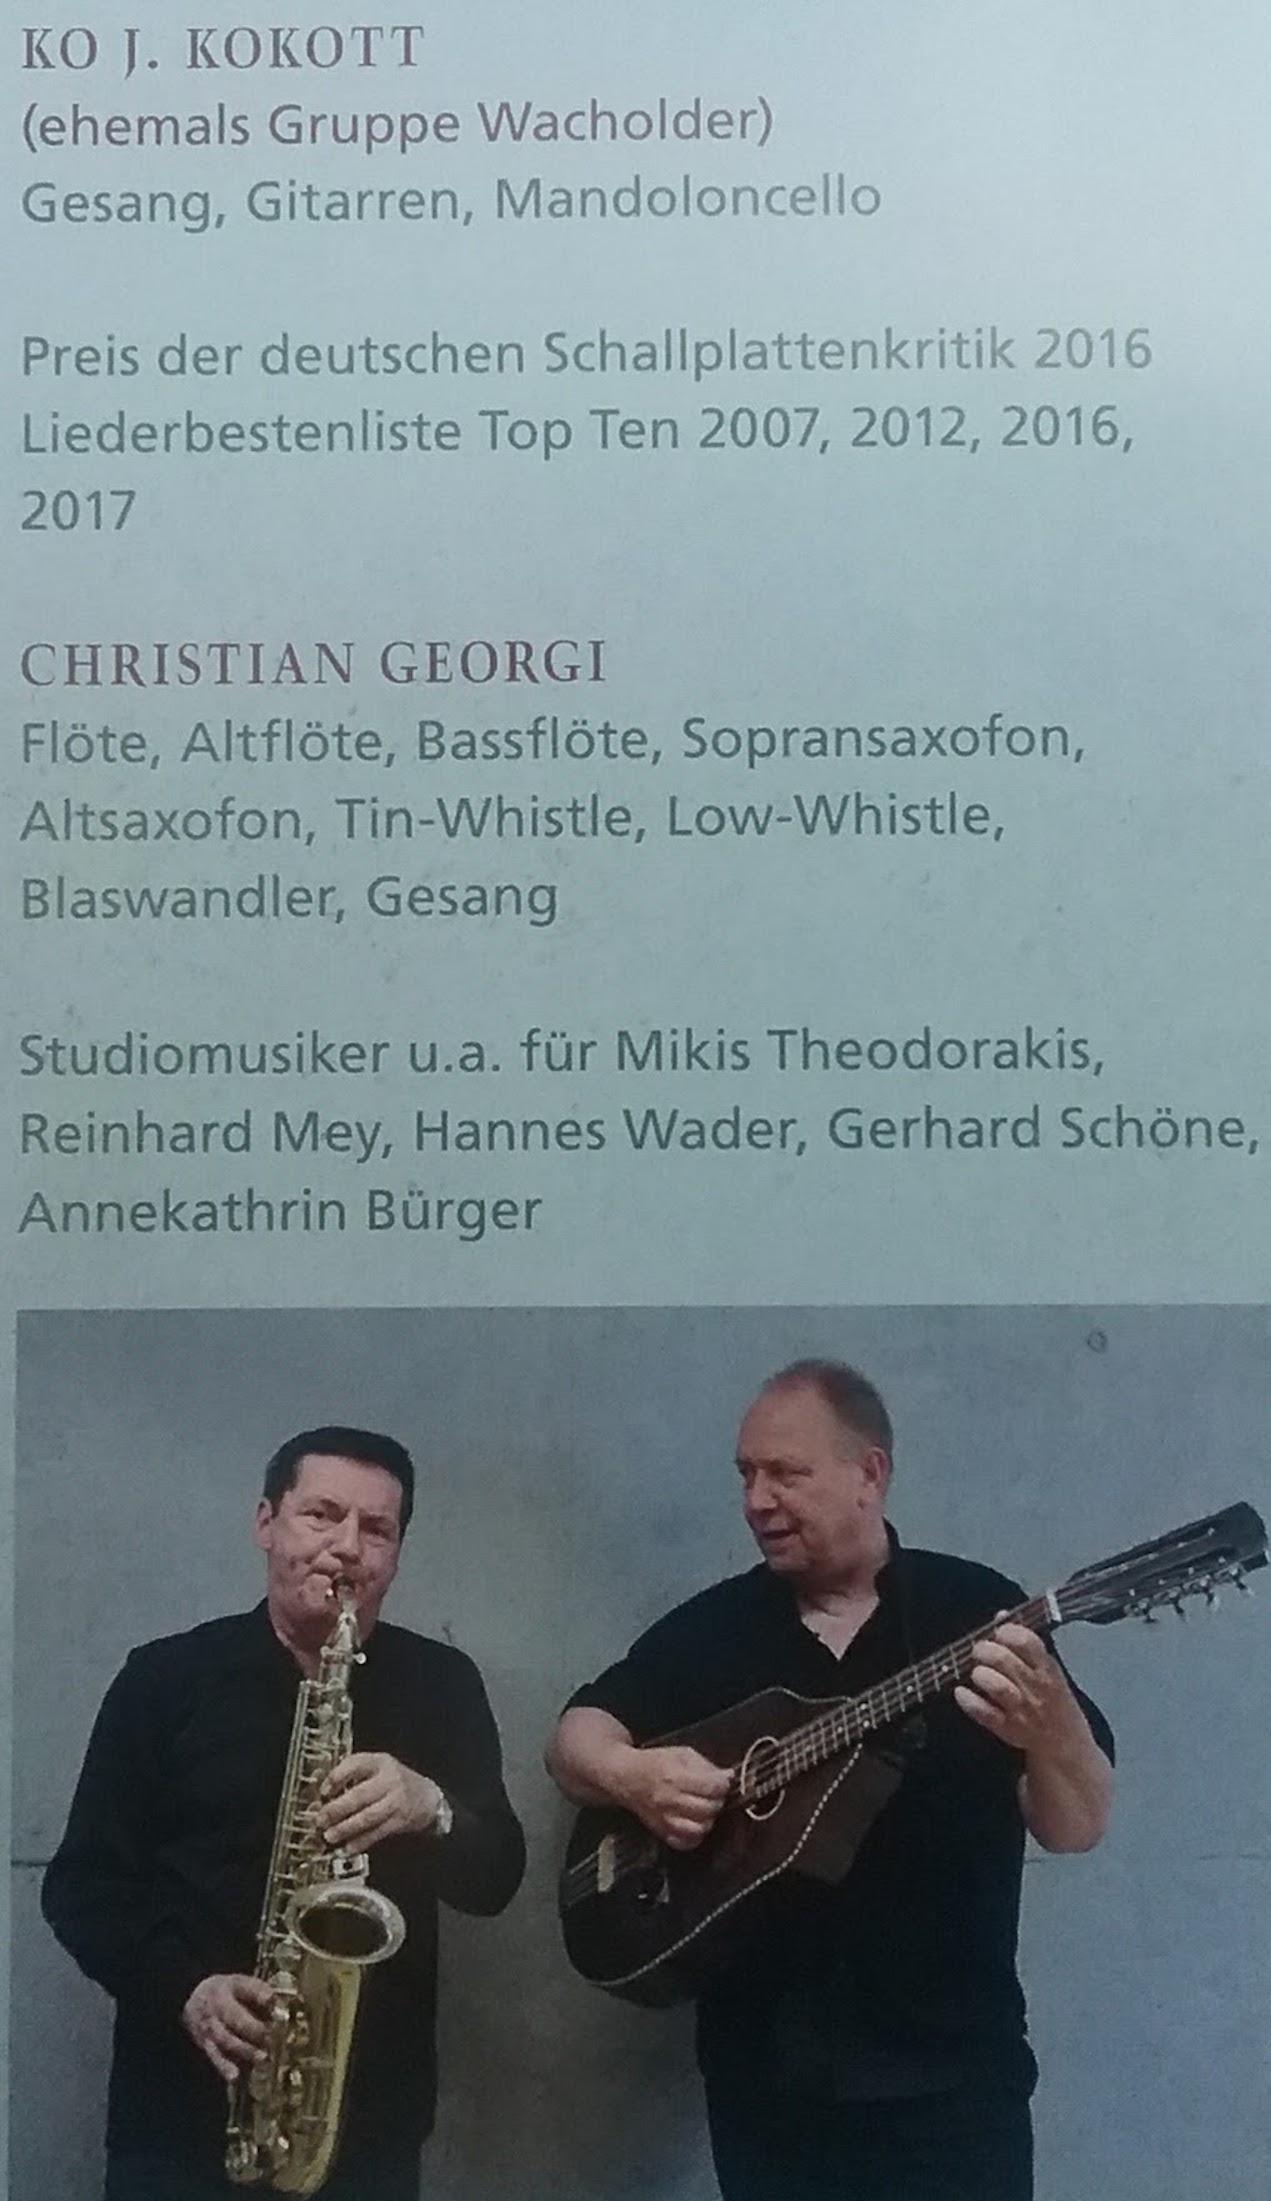 2017.10.14_004 EF HerbstLese Georgi u. Kokott Ticket